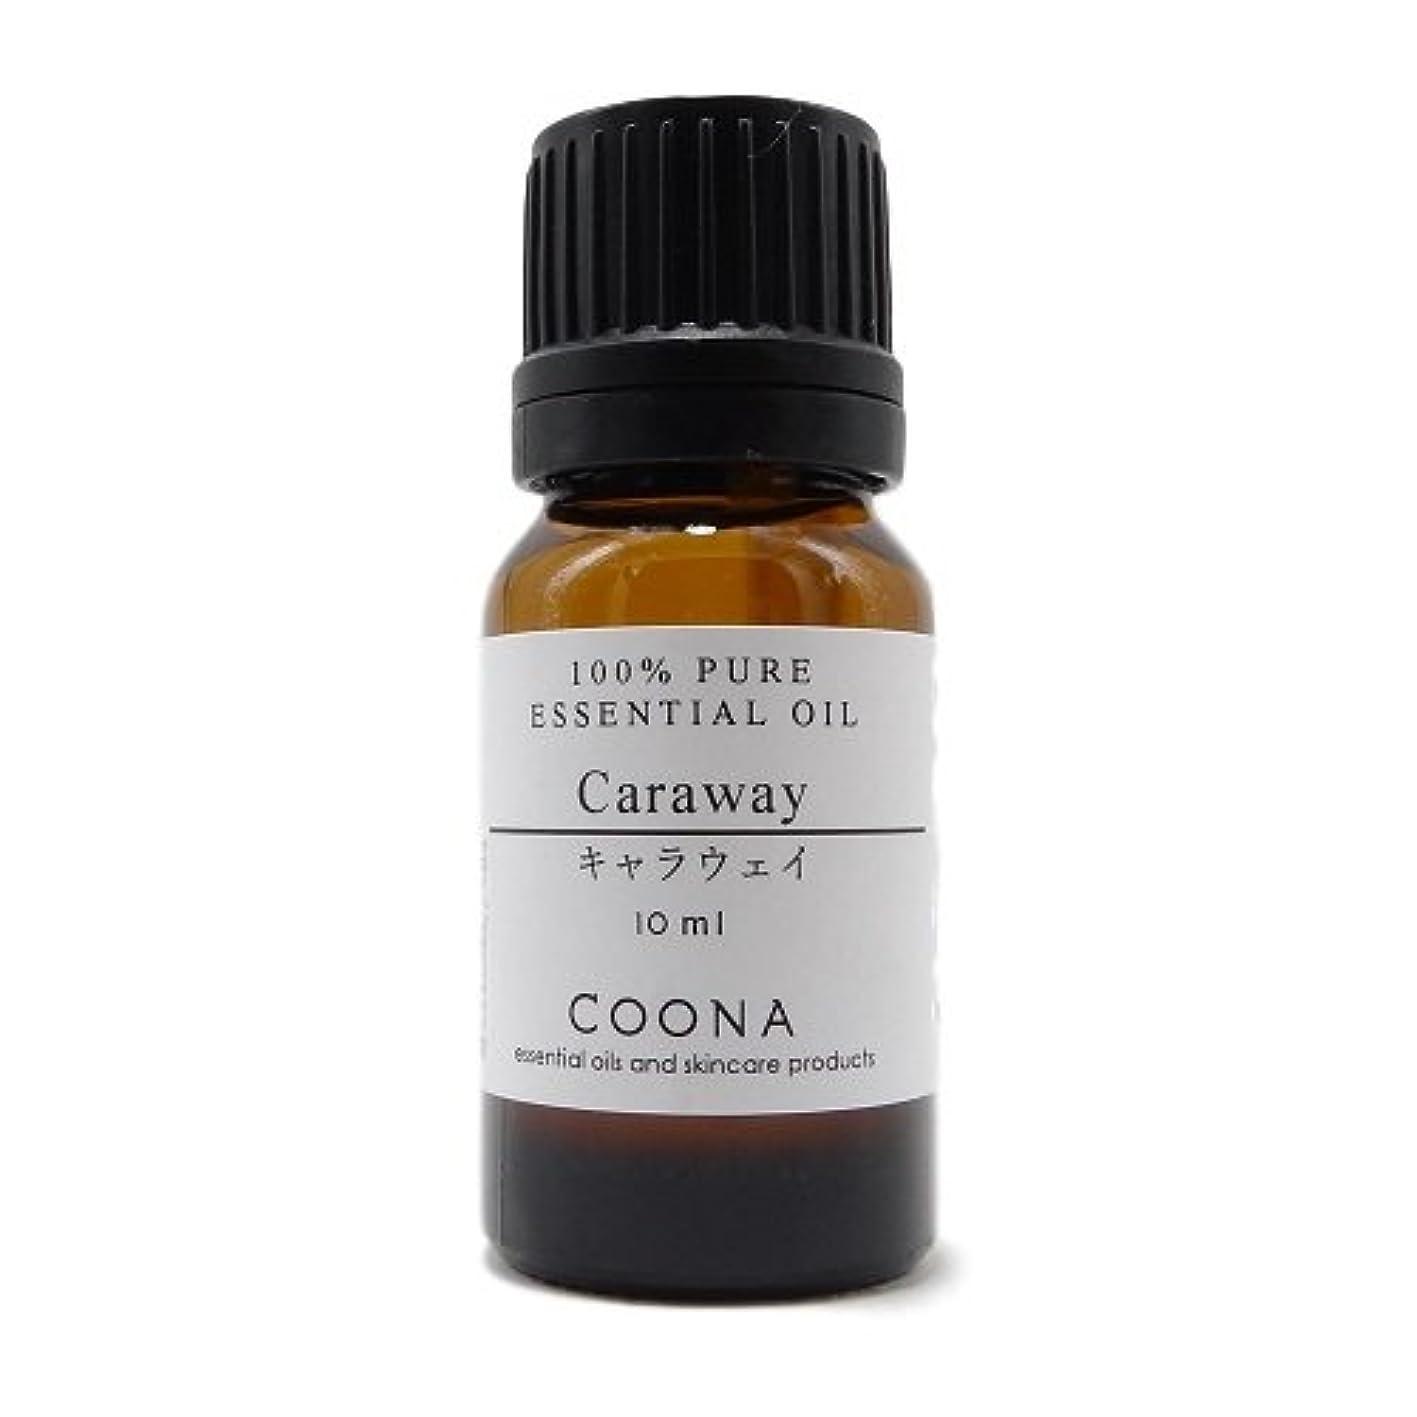 ルーチンスリンク最大のキャラウェイ 10 ml (COONA エッセンシャルオイル アロマオイル 100%天然植物精油)